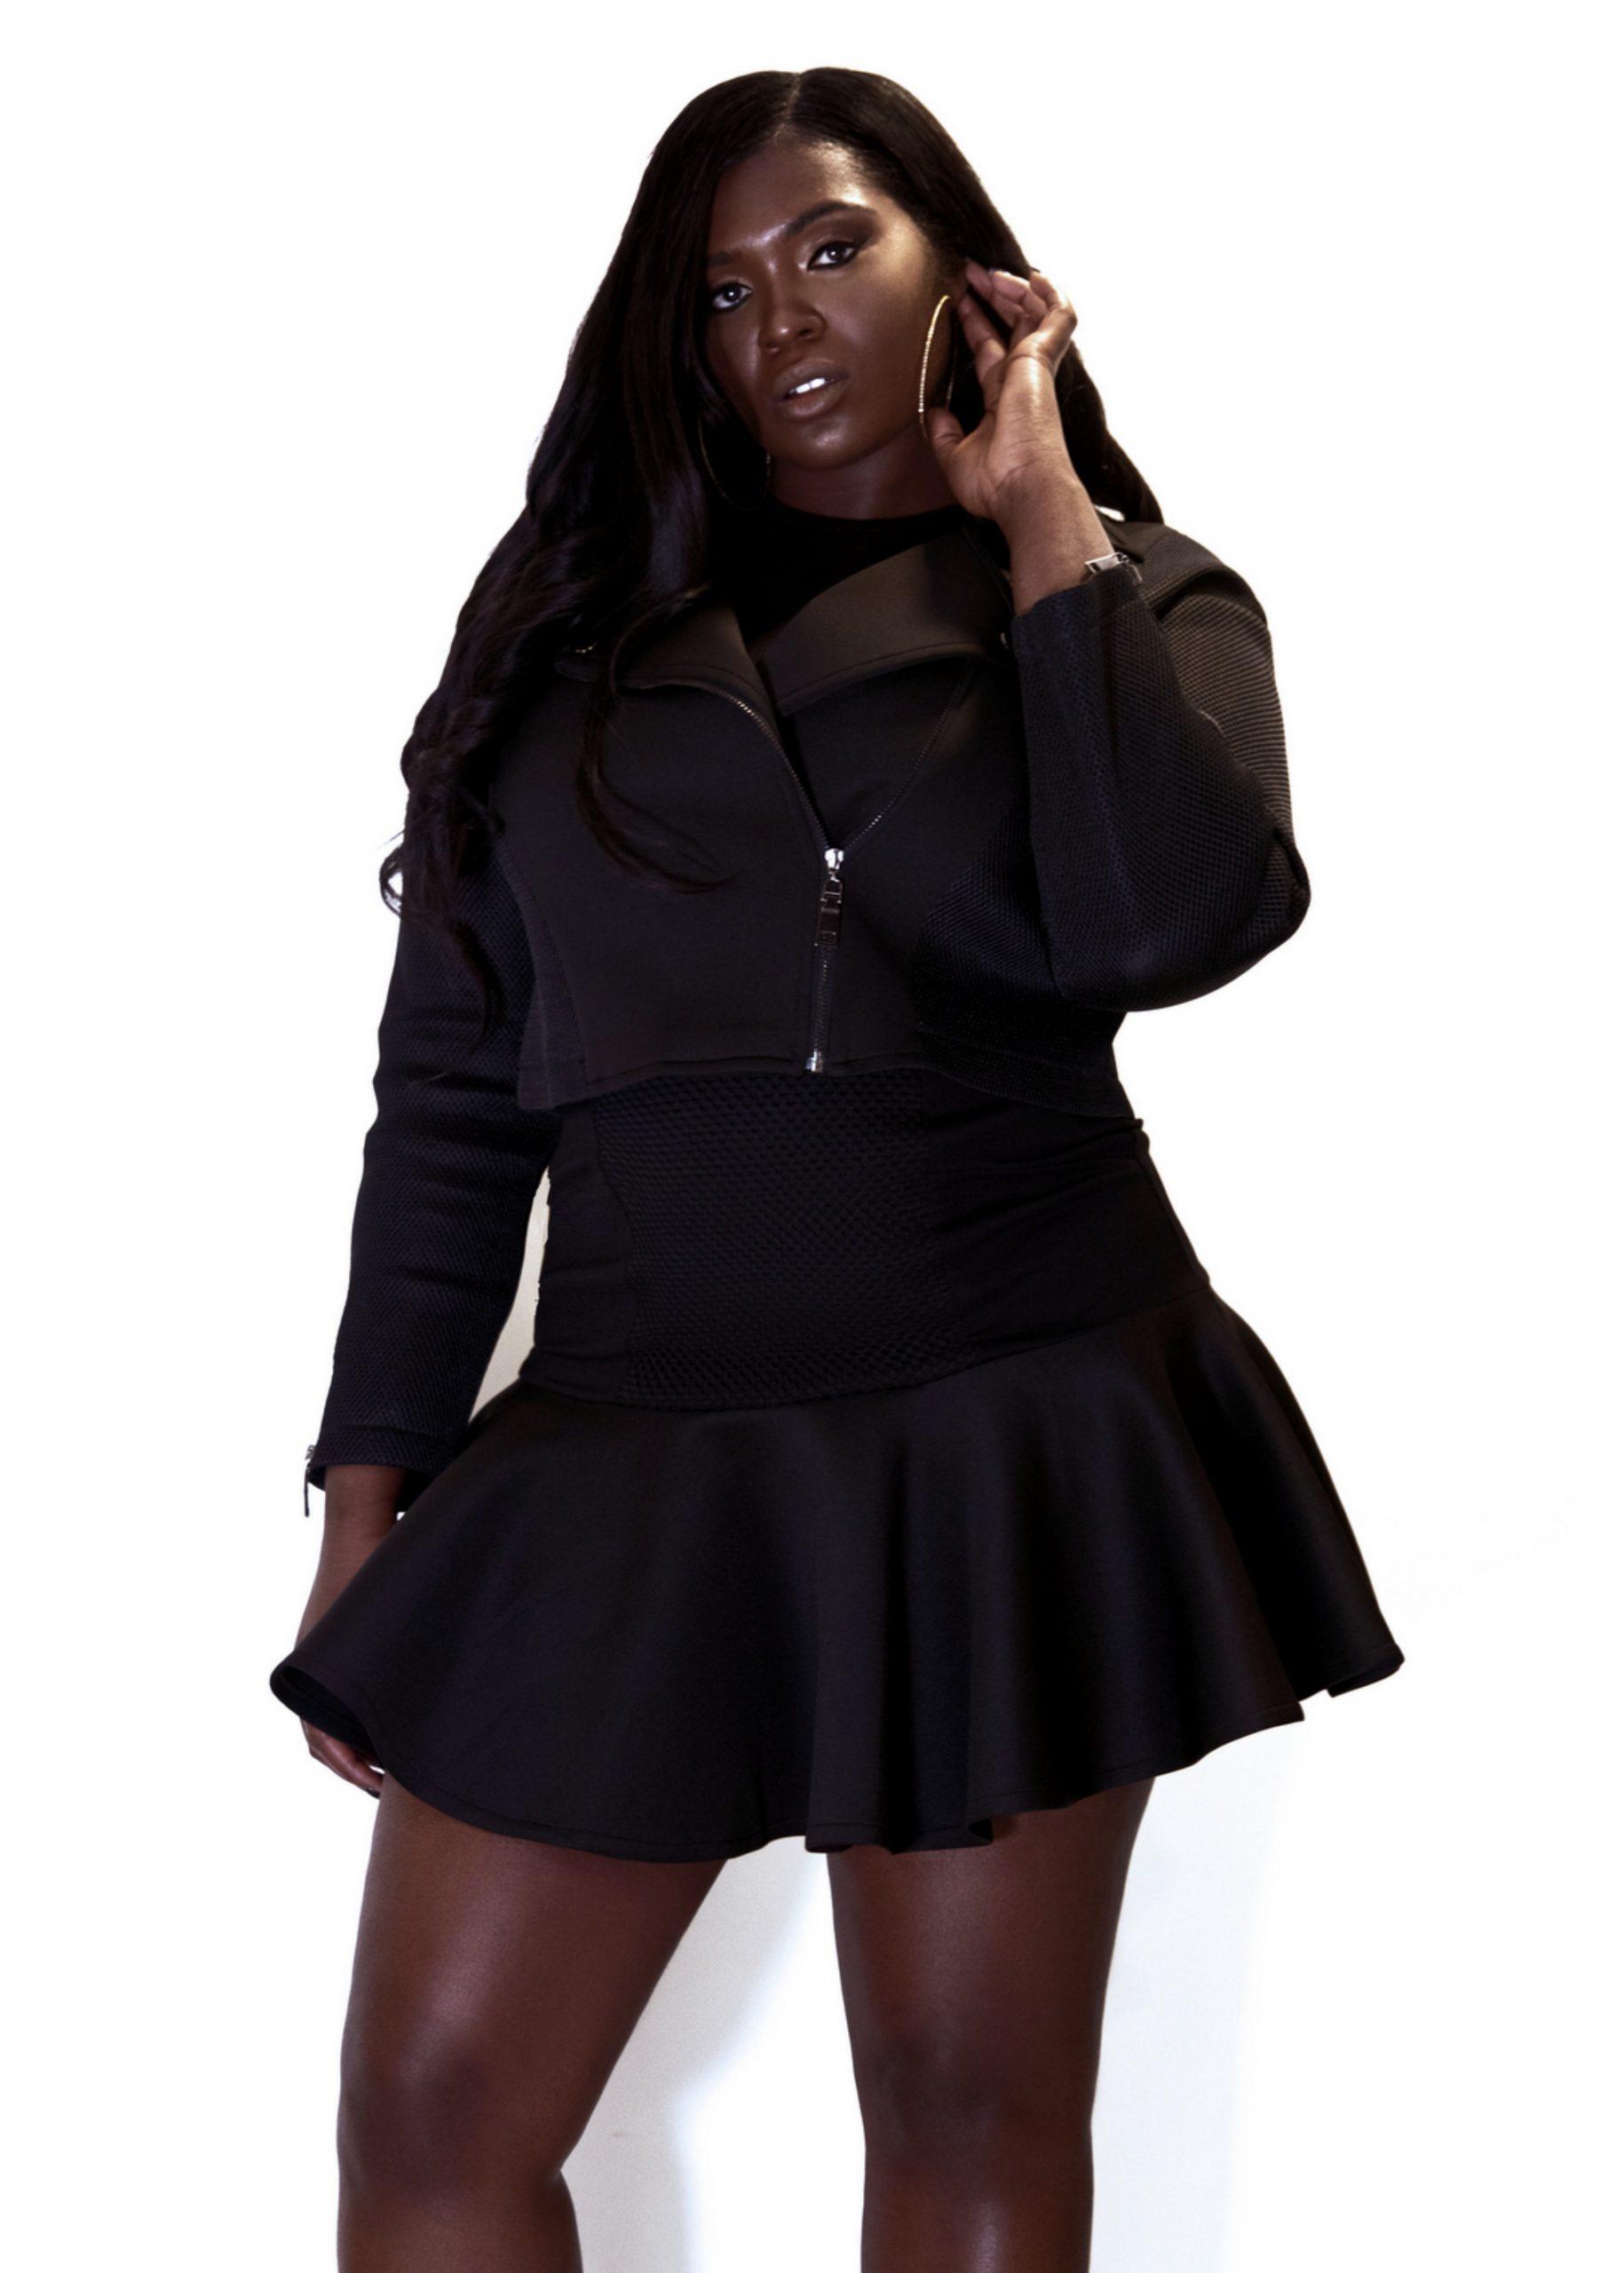 Lady Like Jacket & Lady Like Skirt by Shop Majour